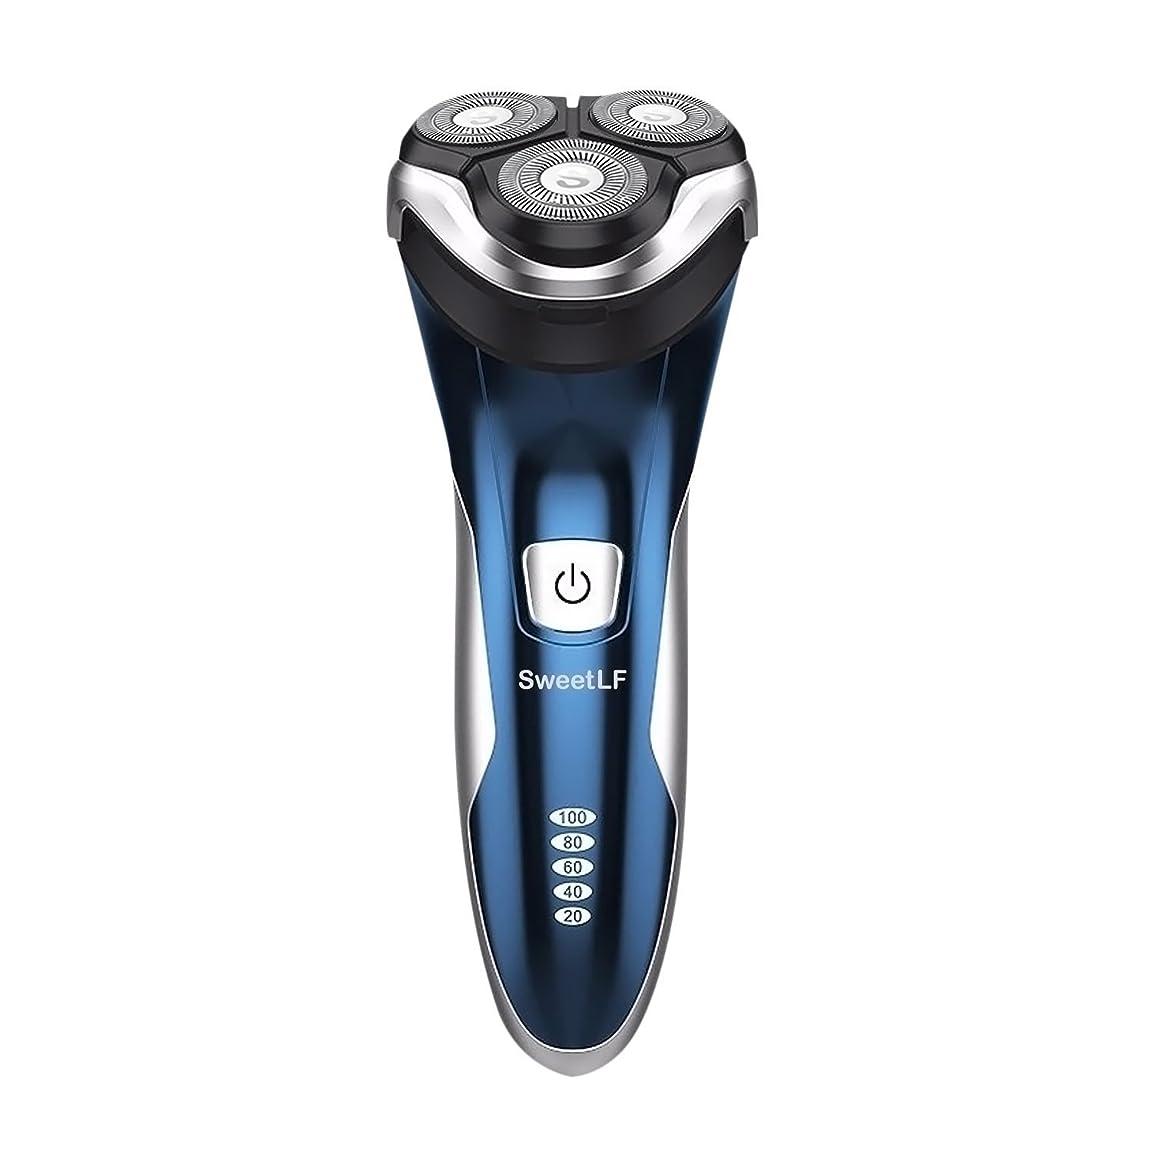 を必要としています受け入れる頼むSweetLF メンズ 電気シェーバー ひげそり 電気カミソリ 回転式 3枚刃 USB充電式 IPX7防水 お風呂剃り可 LEDディスプレイ トリマー付き